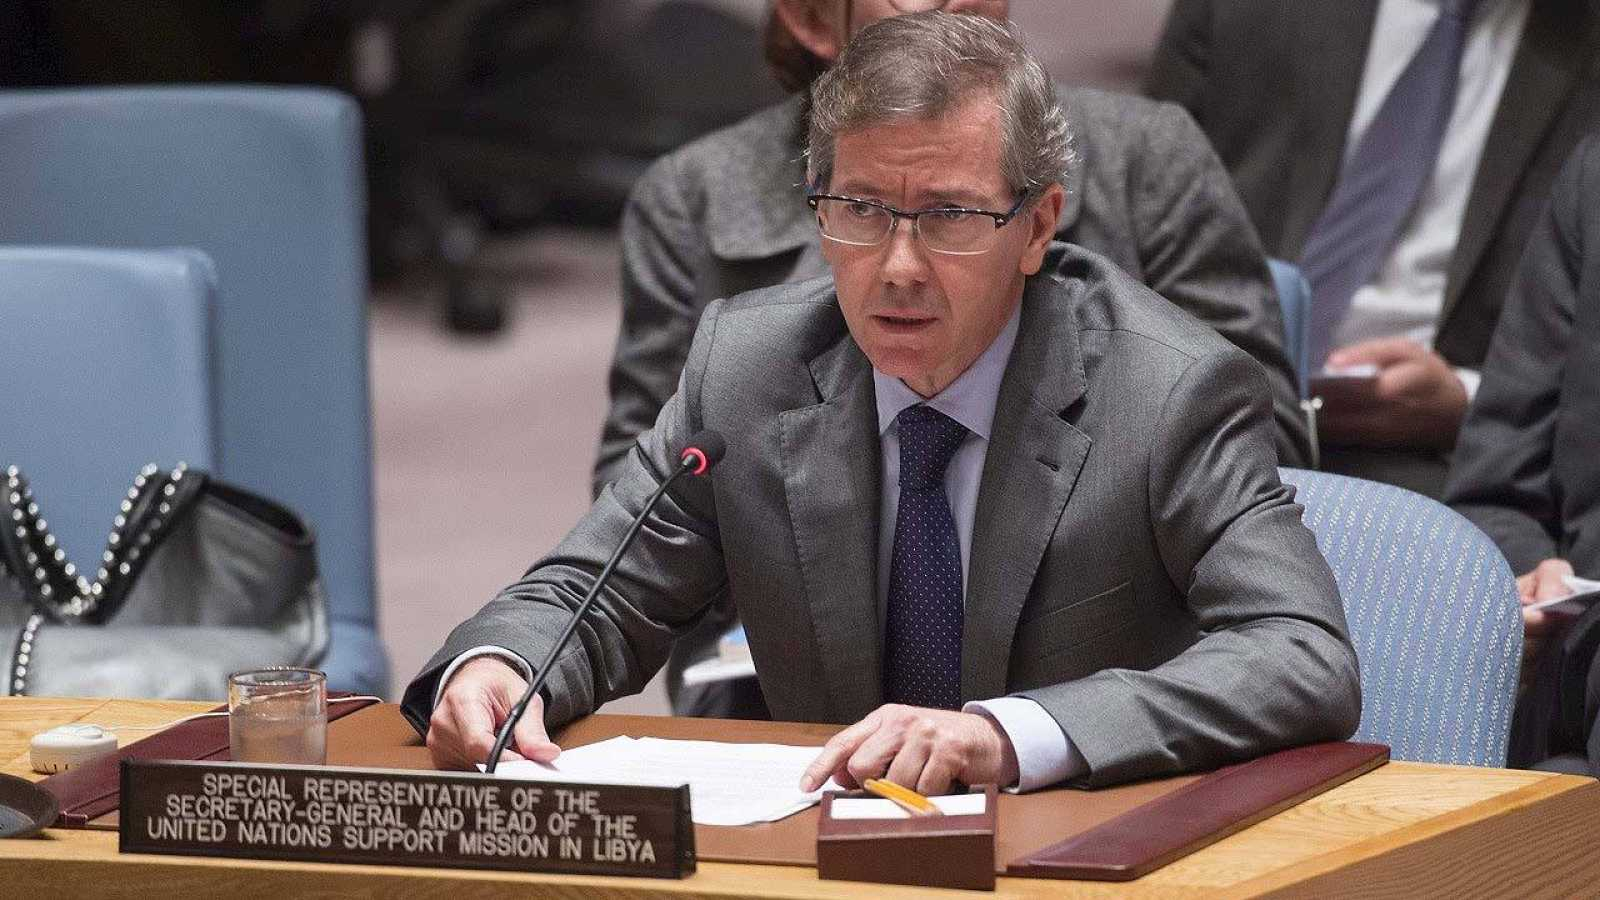 El enviado especial de la ONU para Libia, Bernardino León, habla ante el Consejo de Seguridad de Naciones Unidas en Nueva York (EE.UU.) el 5 de noviembre de 2015. EFE/ESKINDER DEBEBE